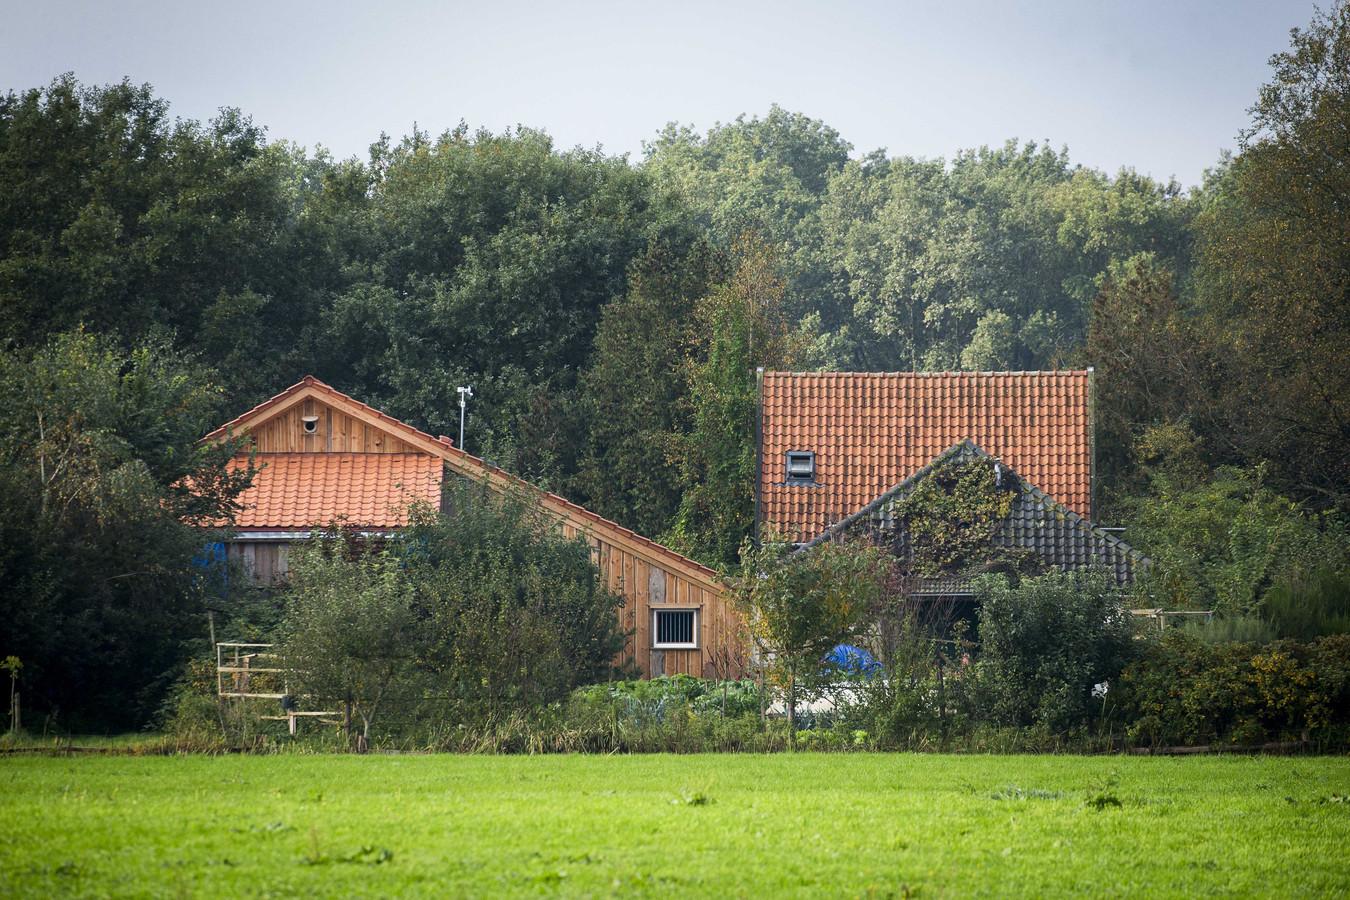 De boerderij in Ruinerwold waar het gezin werd gevonden.